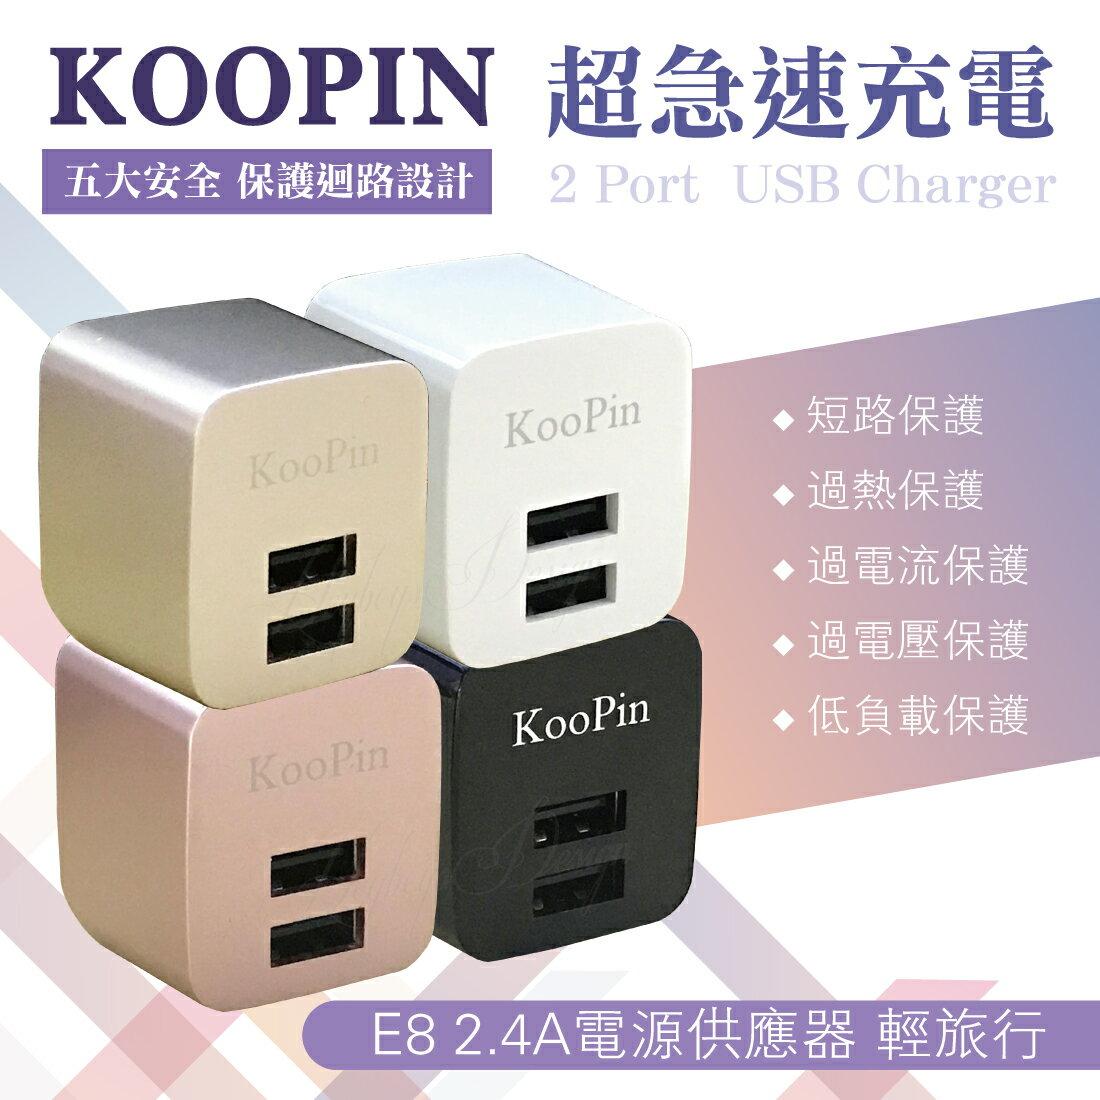 KooPin 2.4A雙孔USB超急速充電器 超迷你摺疊式AC插頭設計 商品通過BSMI核可 攜帶方便 【全館滿299免運費】